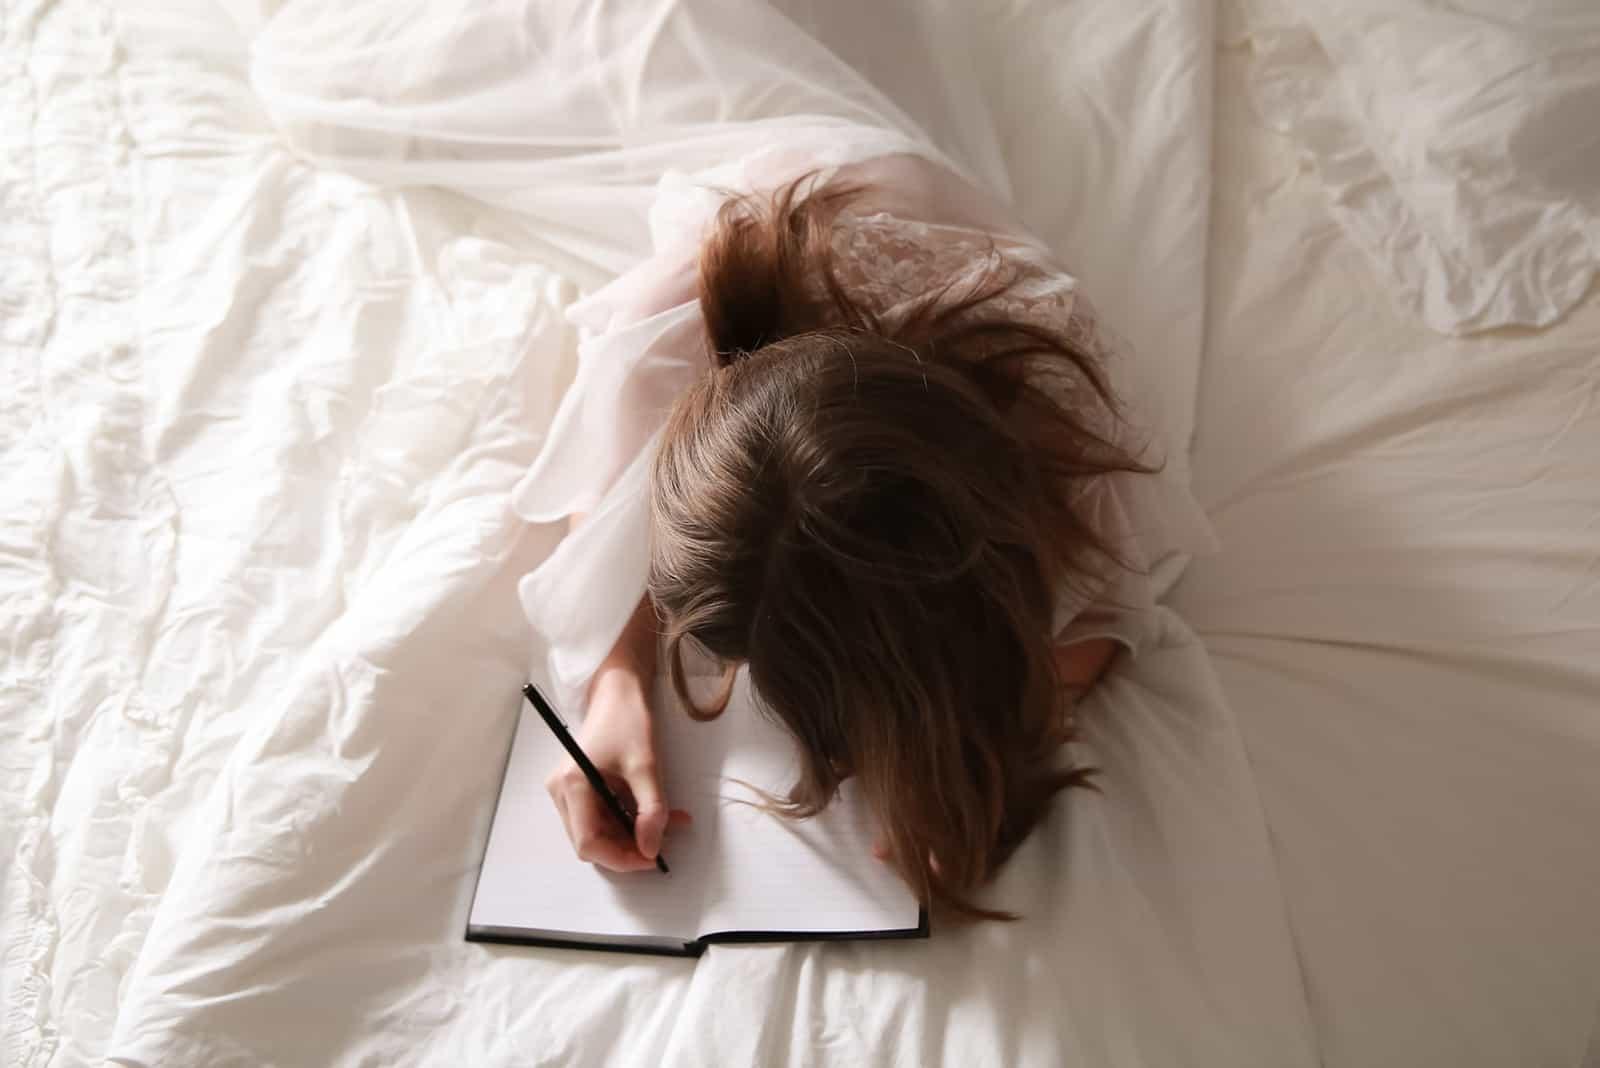 eine Frau, die einen Liebesbrief schreibt, während sie auf dem Bett liegt